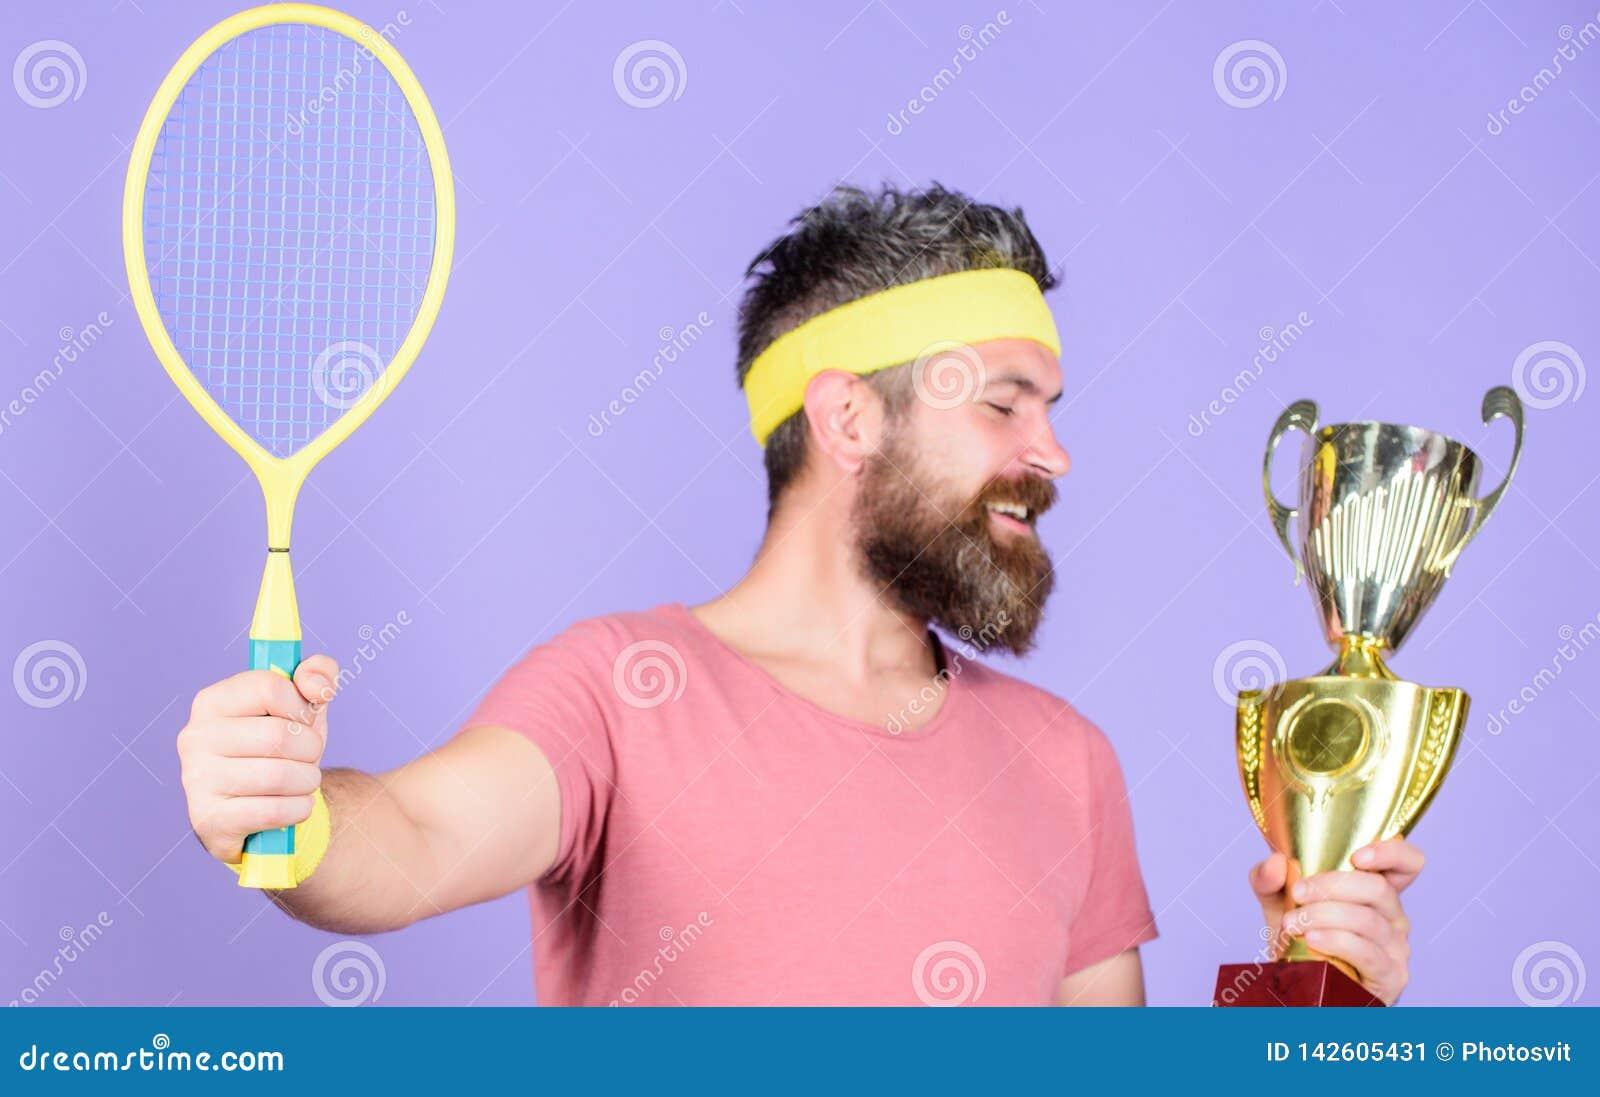 Campeonato del triunfo del jugador de tenis Estafa de tenis del control del atleta y cubilete de oro Juego del tenis del triunfo